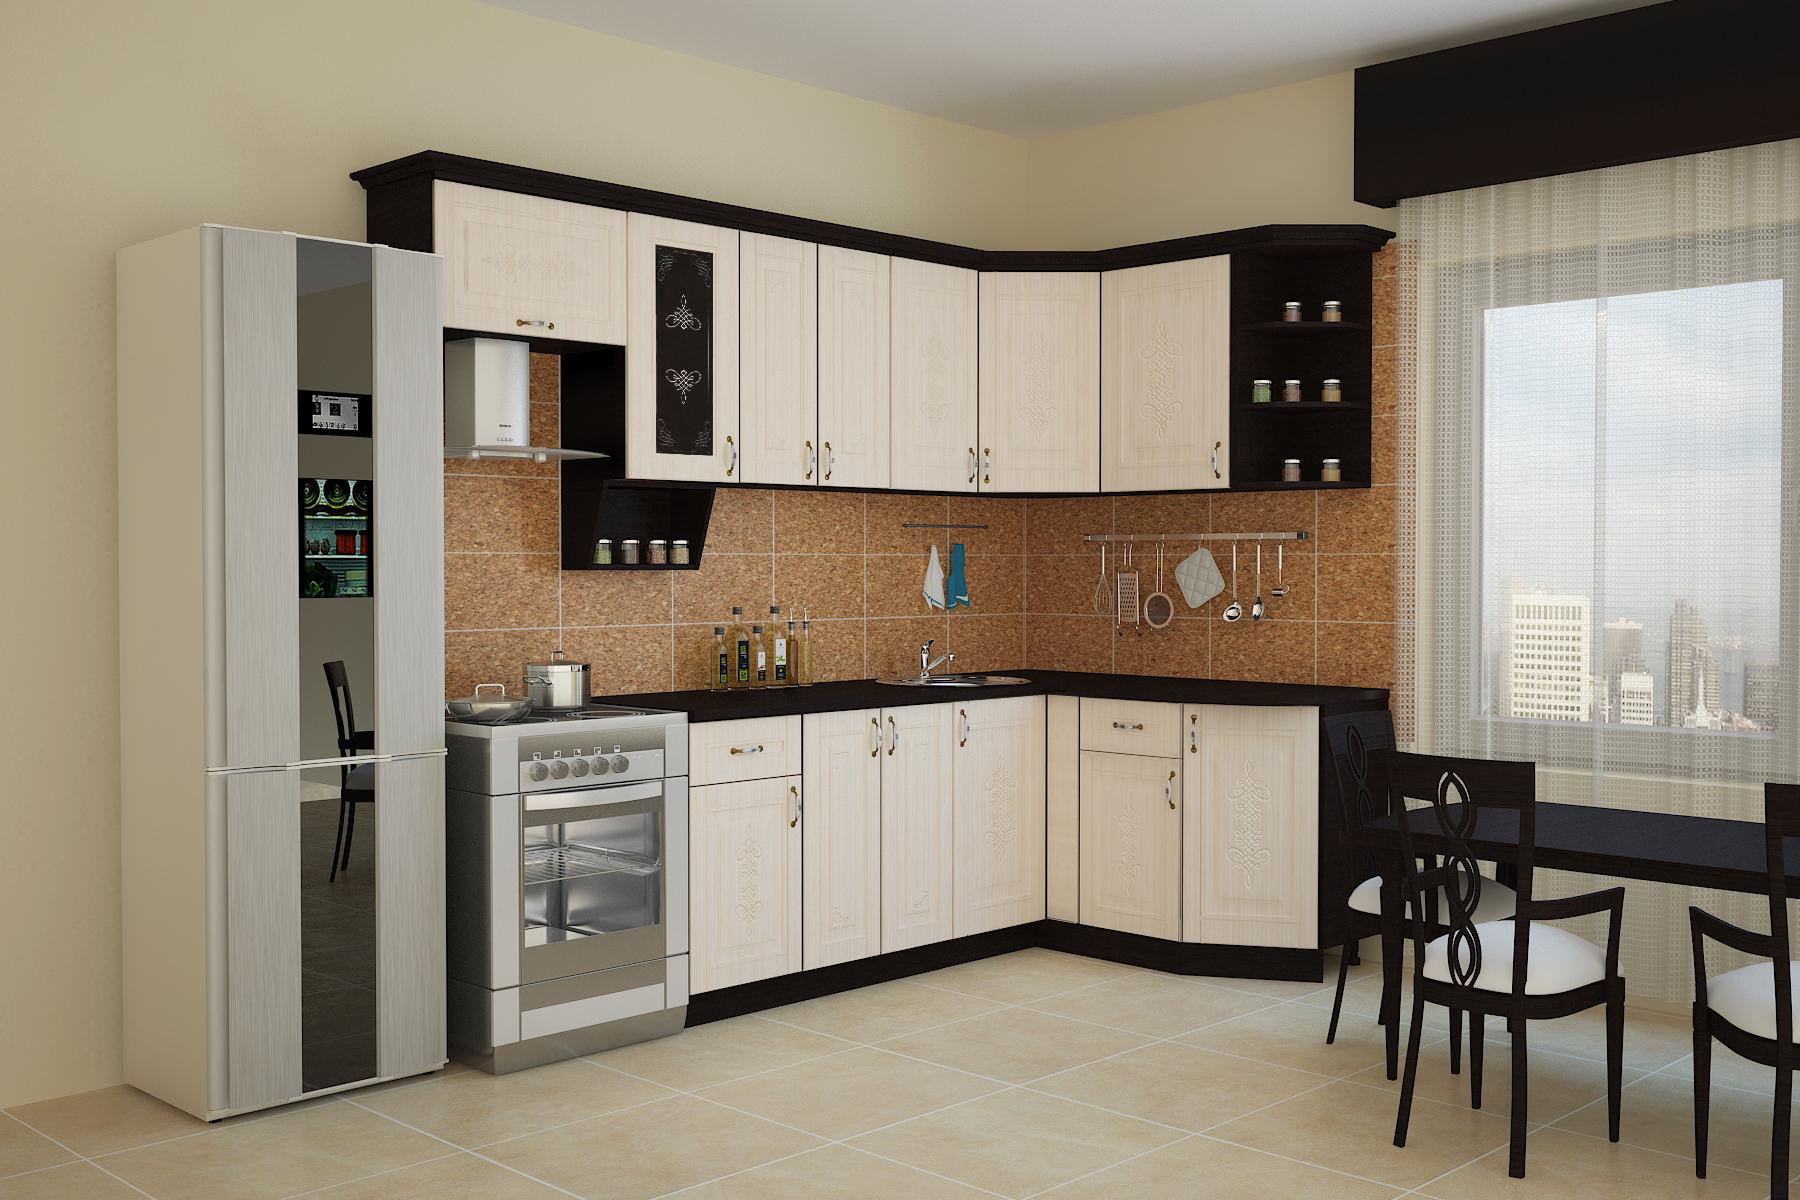 Кухня БЕЛАРУСЬ-1 УГЛОВАЯ, правая, левая